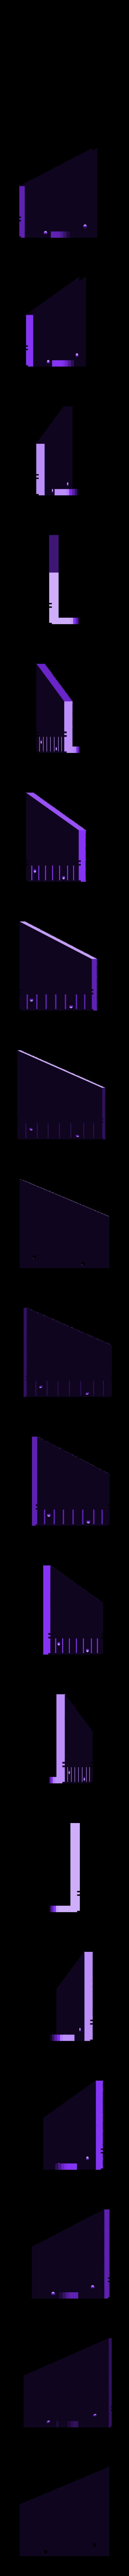 TortureTrap_Guillotine_Blade.stl Télécharger fichier STL gratuit TortureTrap : une extension du piège à souris • Objet pour impression 3D, mrhers2